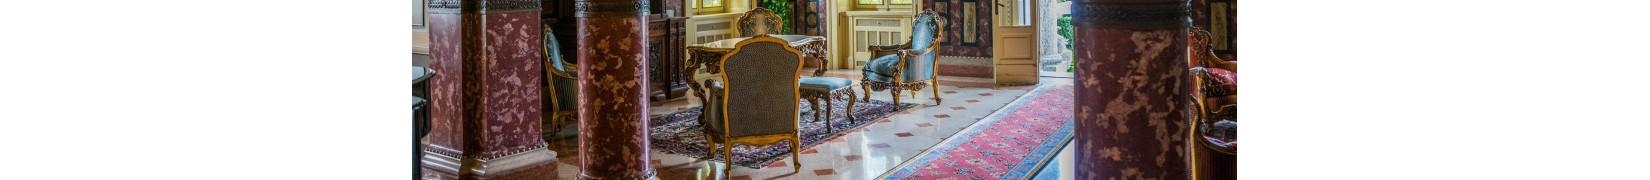 Dywany klasyczne do salonu: wełniane, syntetyczne - sklep Śliczne Dywany